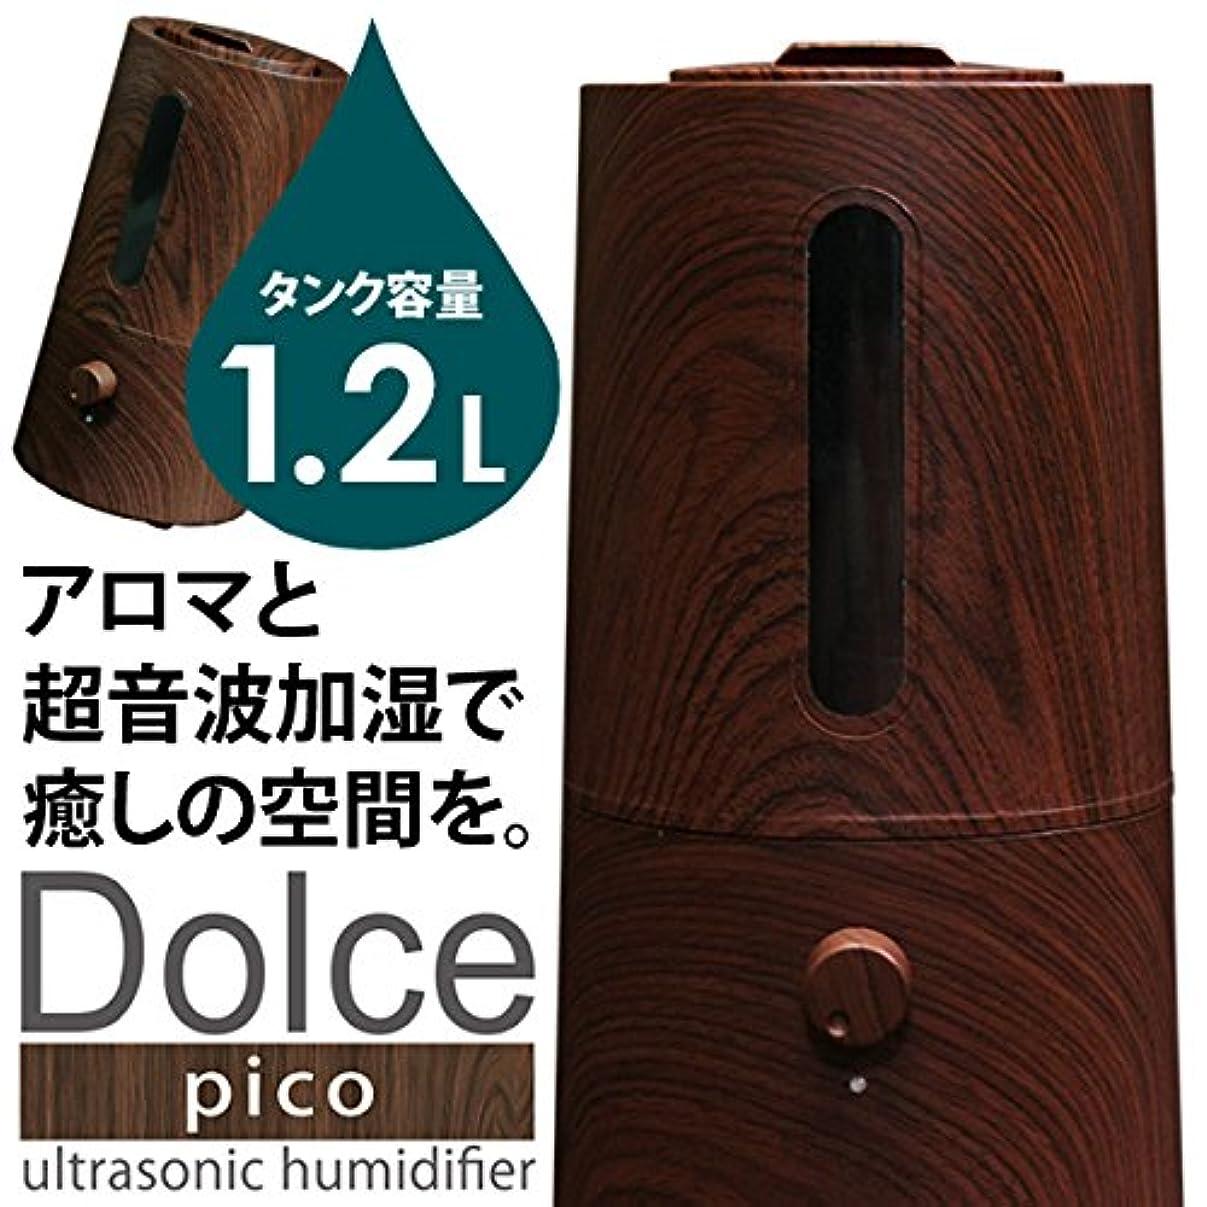 鼓舞する公式市場超音波加湿器Dolce pico ドルチェピコ【木目調】